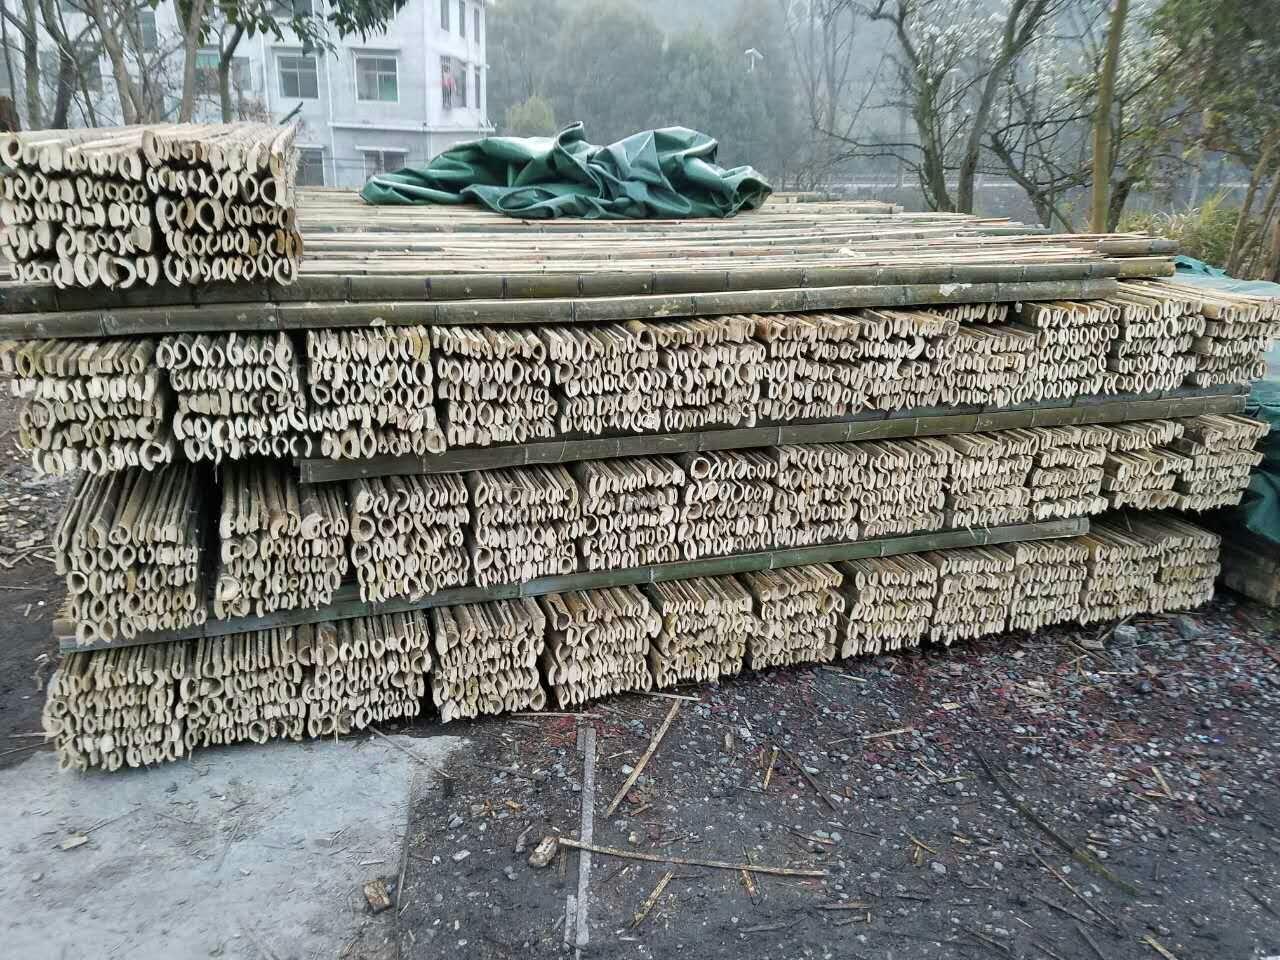 供应竹架板产品 建筑用竹架板批发 竹跳板供应商  竹脚手架报价